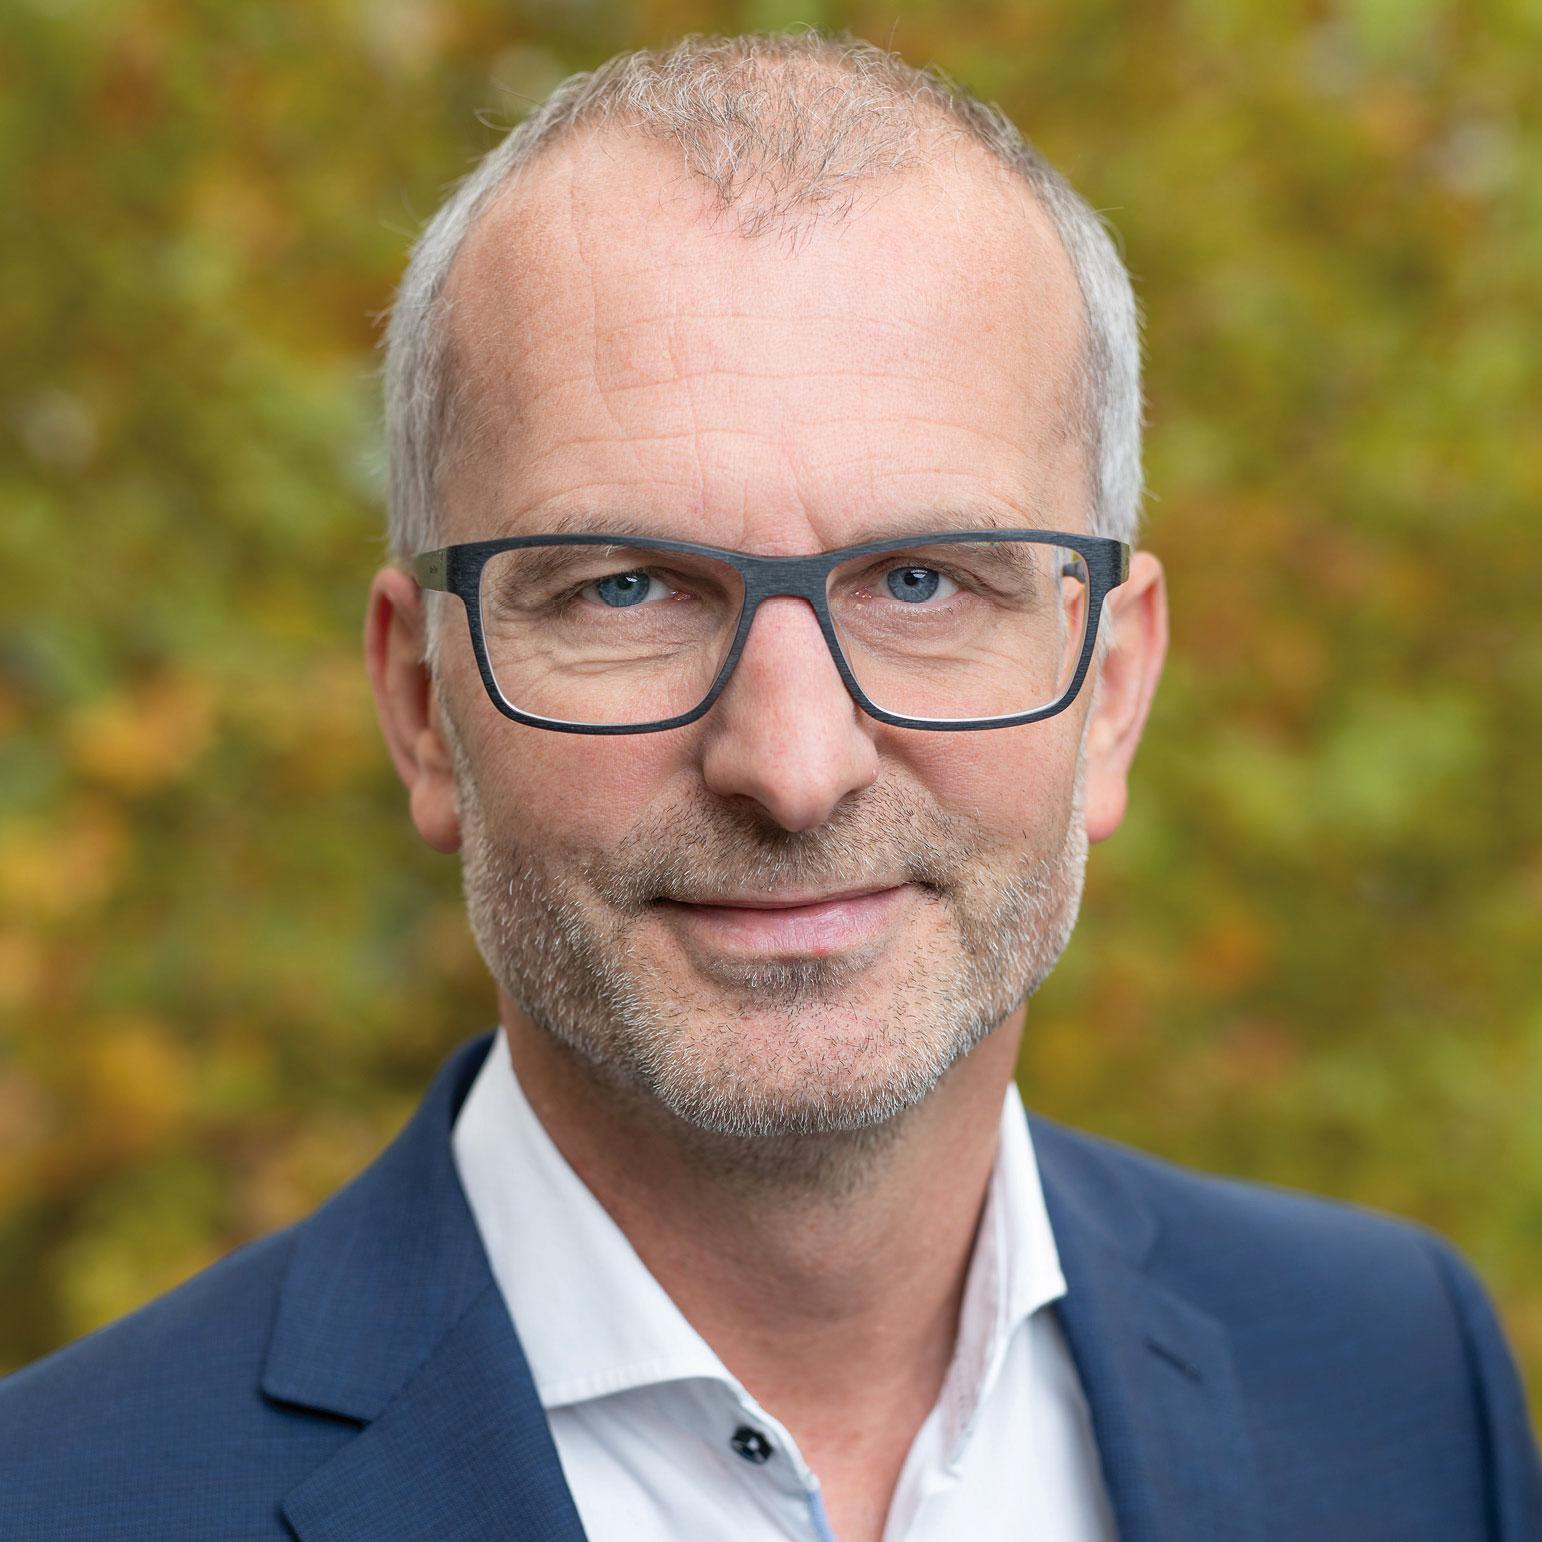 Ing. Norbert Stemeseder